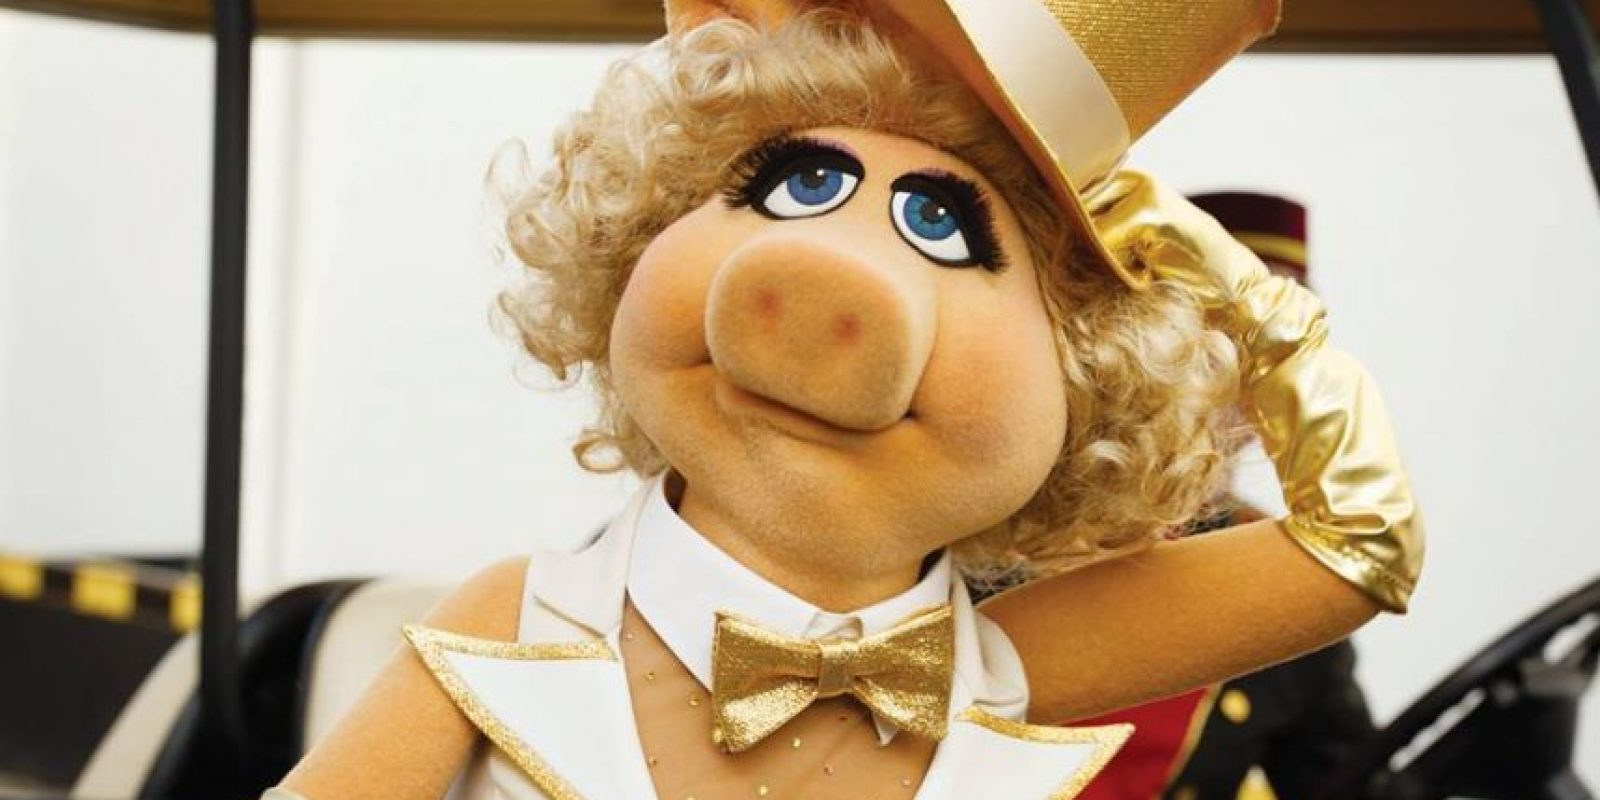 """Después de una cuidadosa reflexión, consideración cuidadosa y una considerable riña, Miss Piggy tomó la difícil decisión de terminar nuestra relación romántica"""", indicó en su comunicado. Foto:vía facebook.com/MuppetsMissPiggy"""